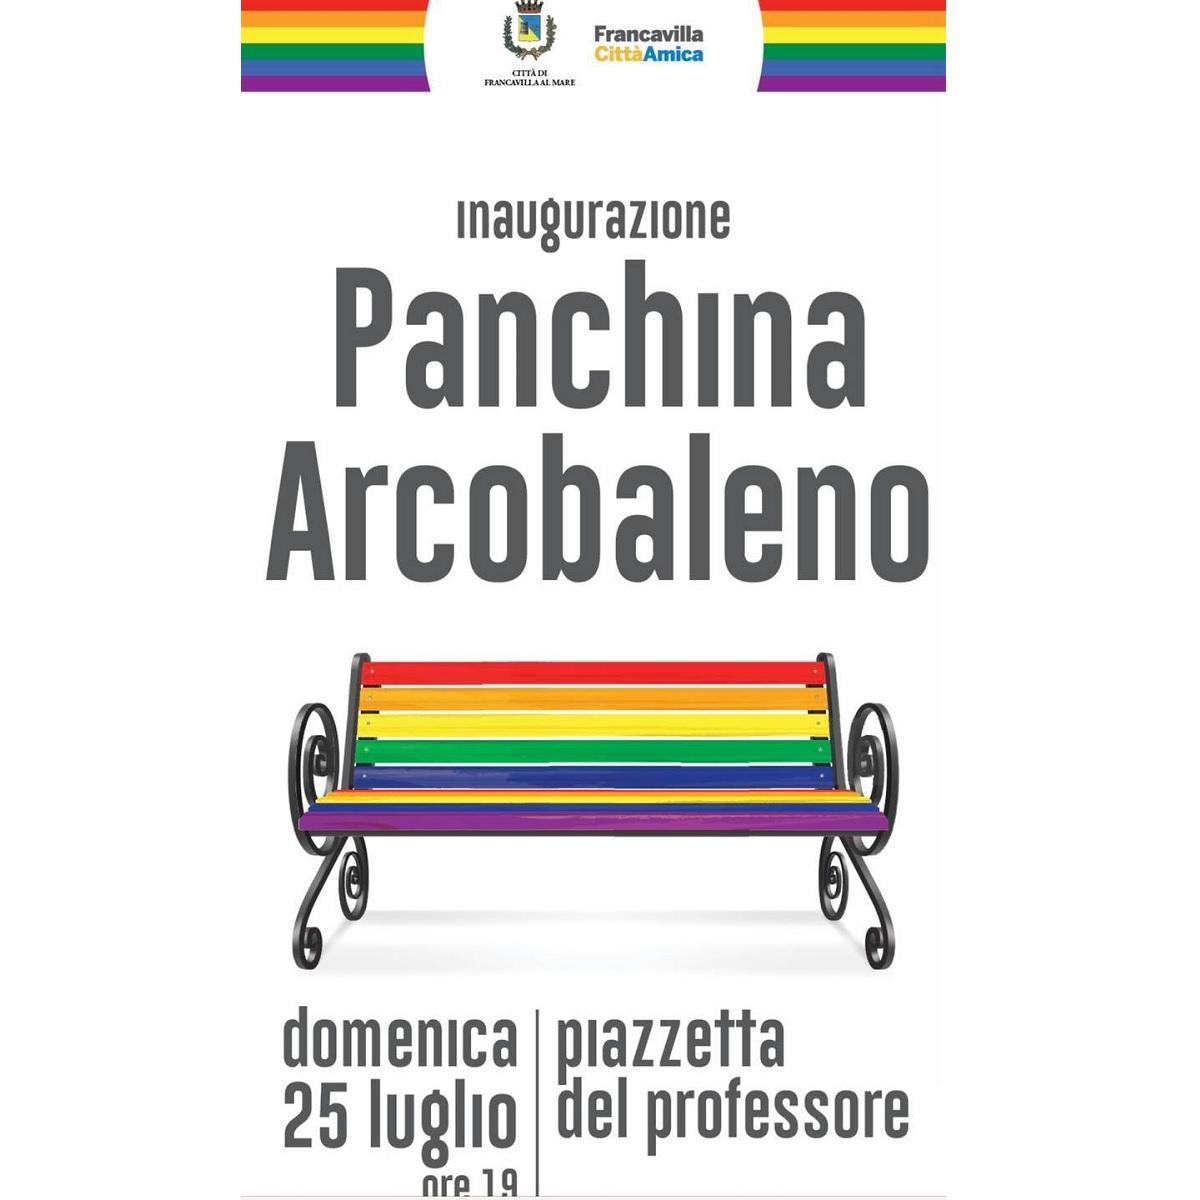 Inaugurazione panchina arcobaleno a Francavilla al Mare foto